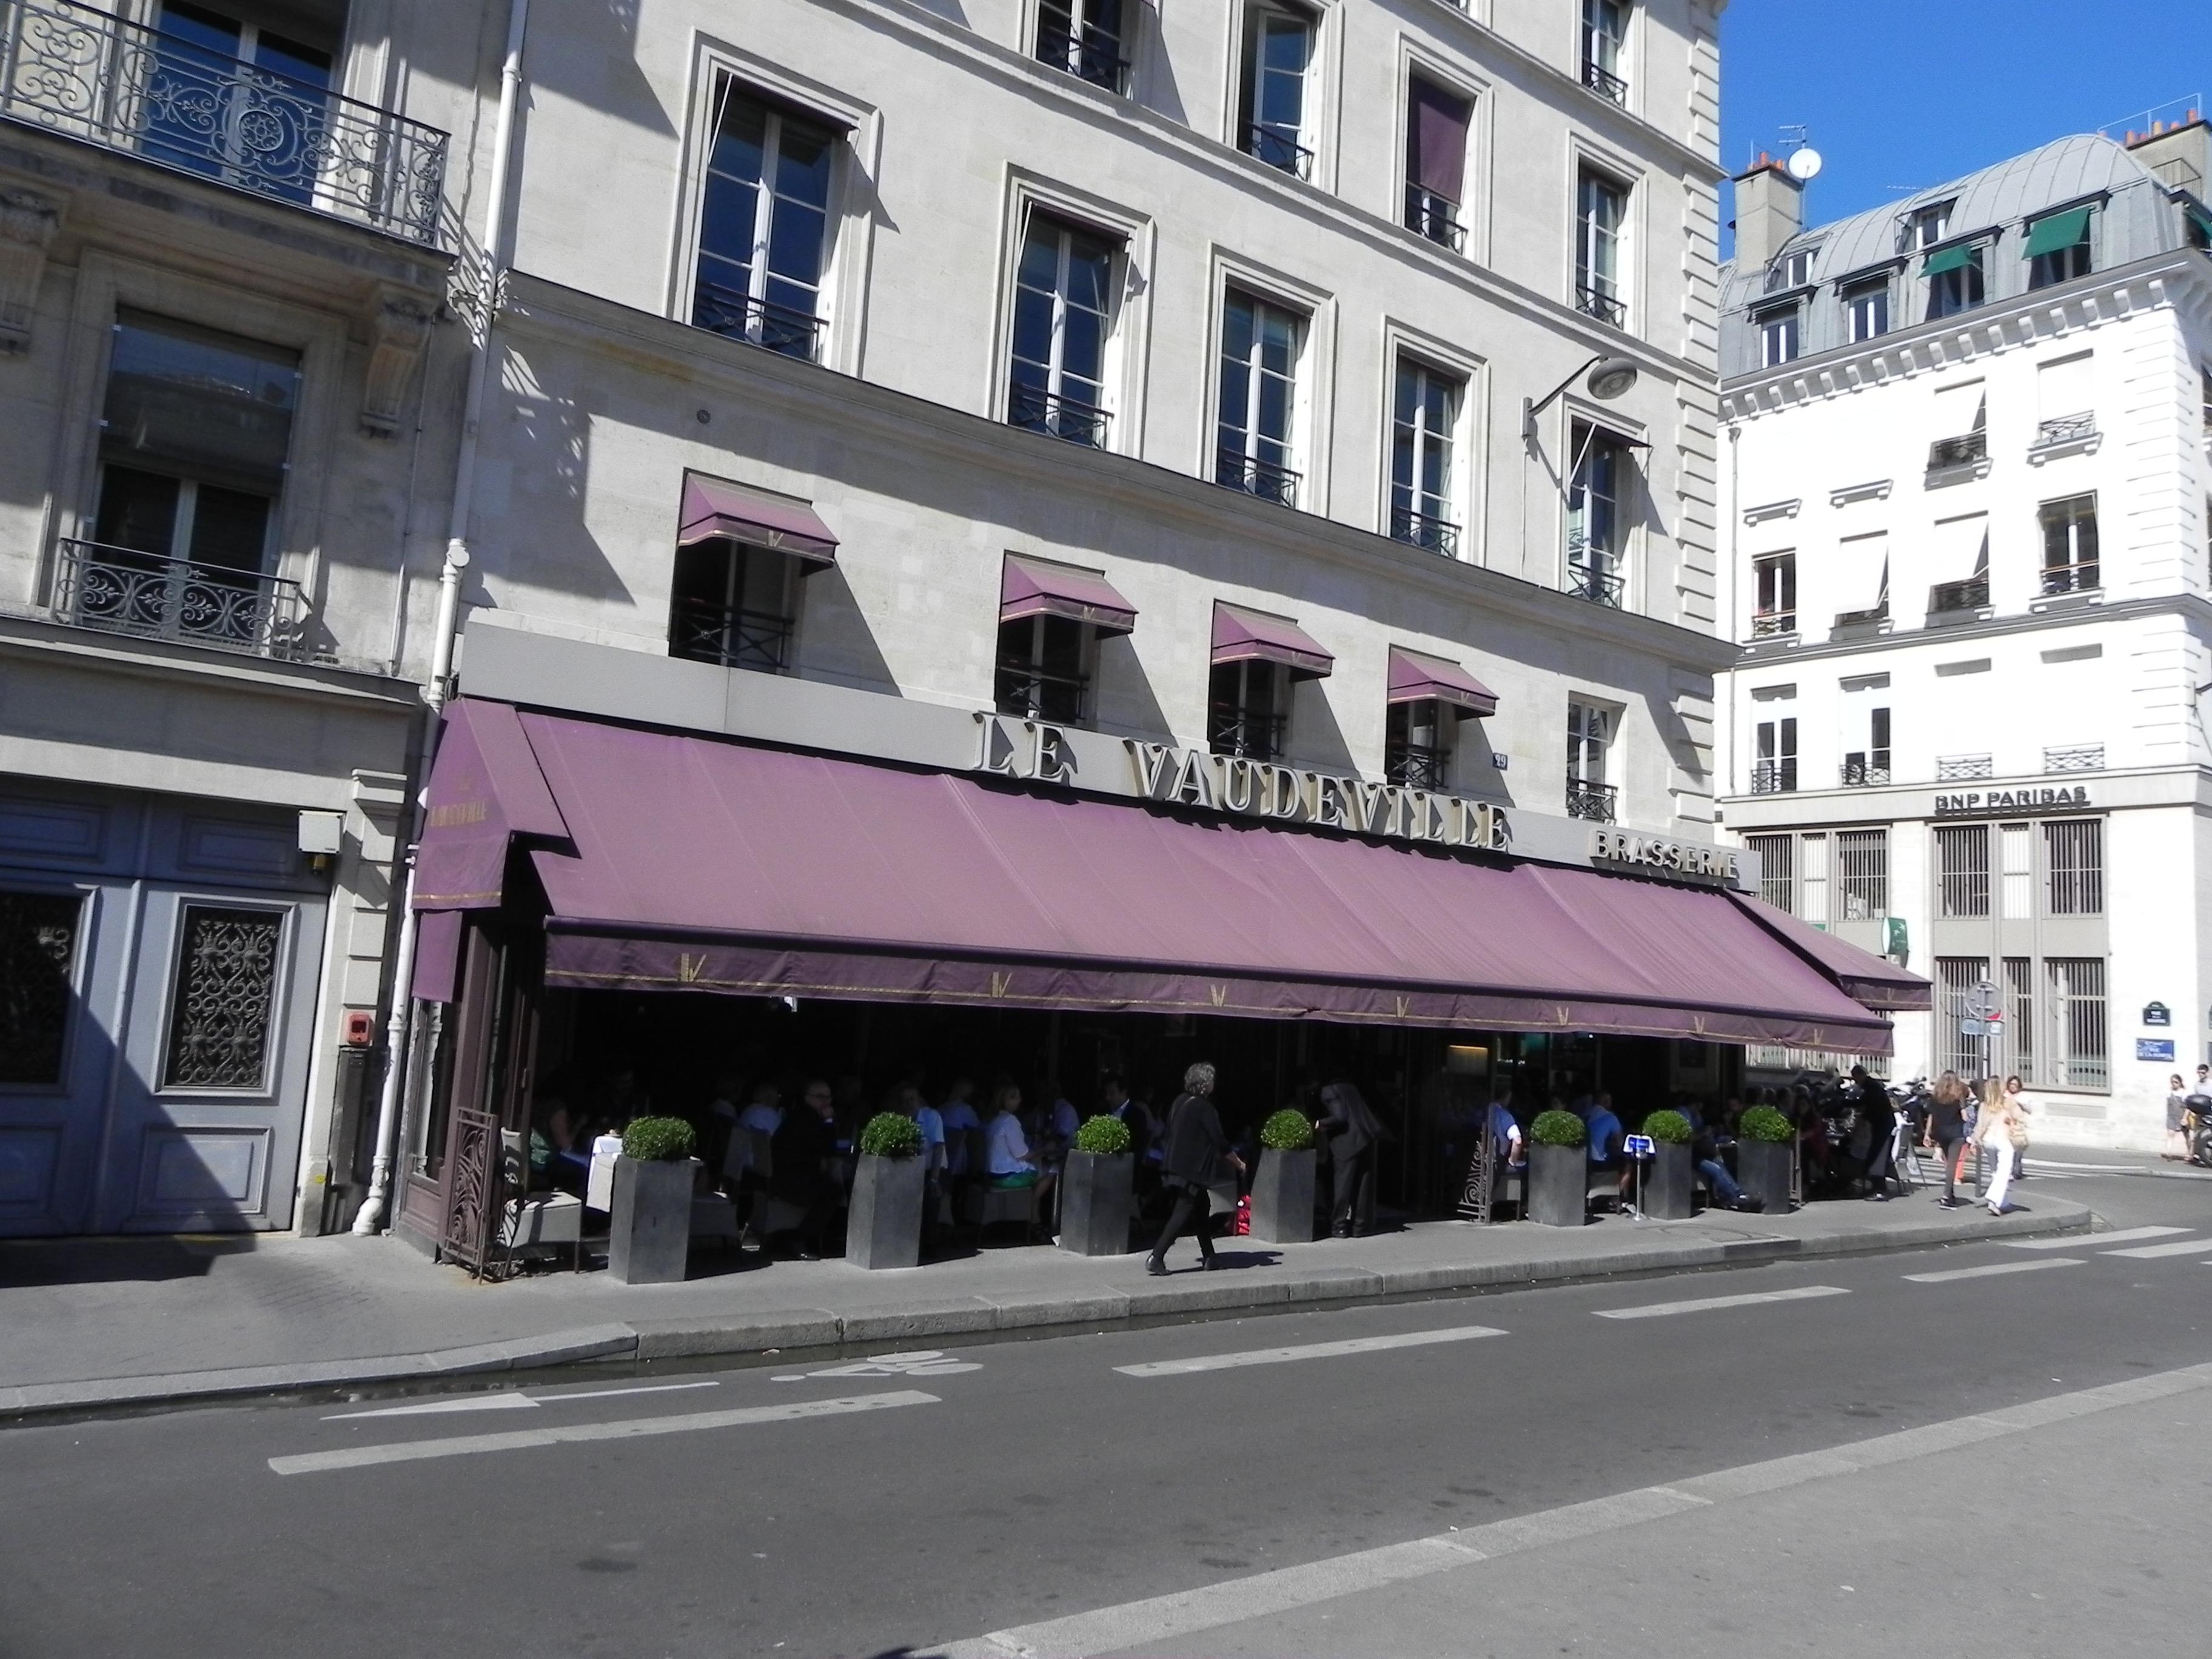 71965 Brasserie Vaudeville - 1